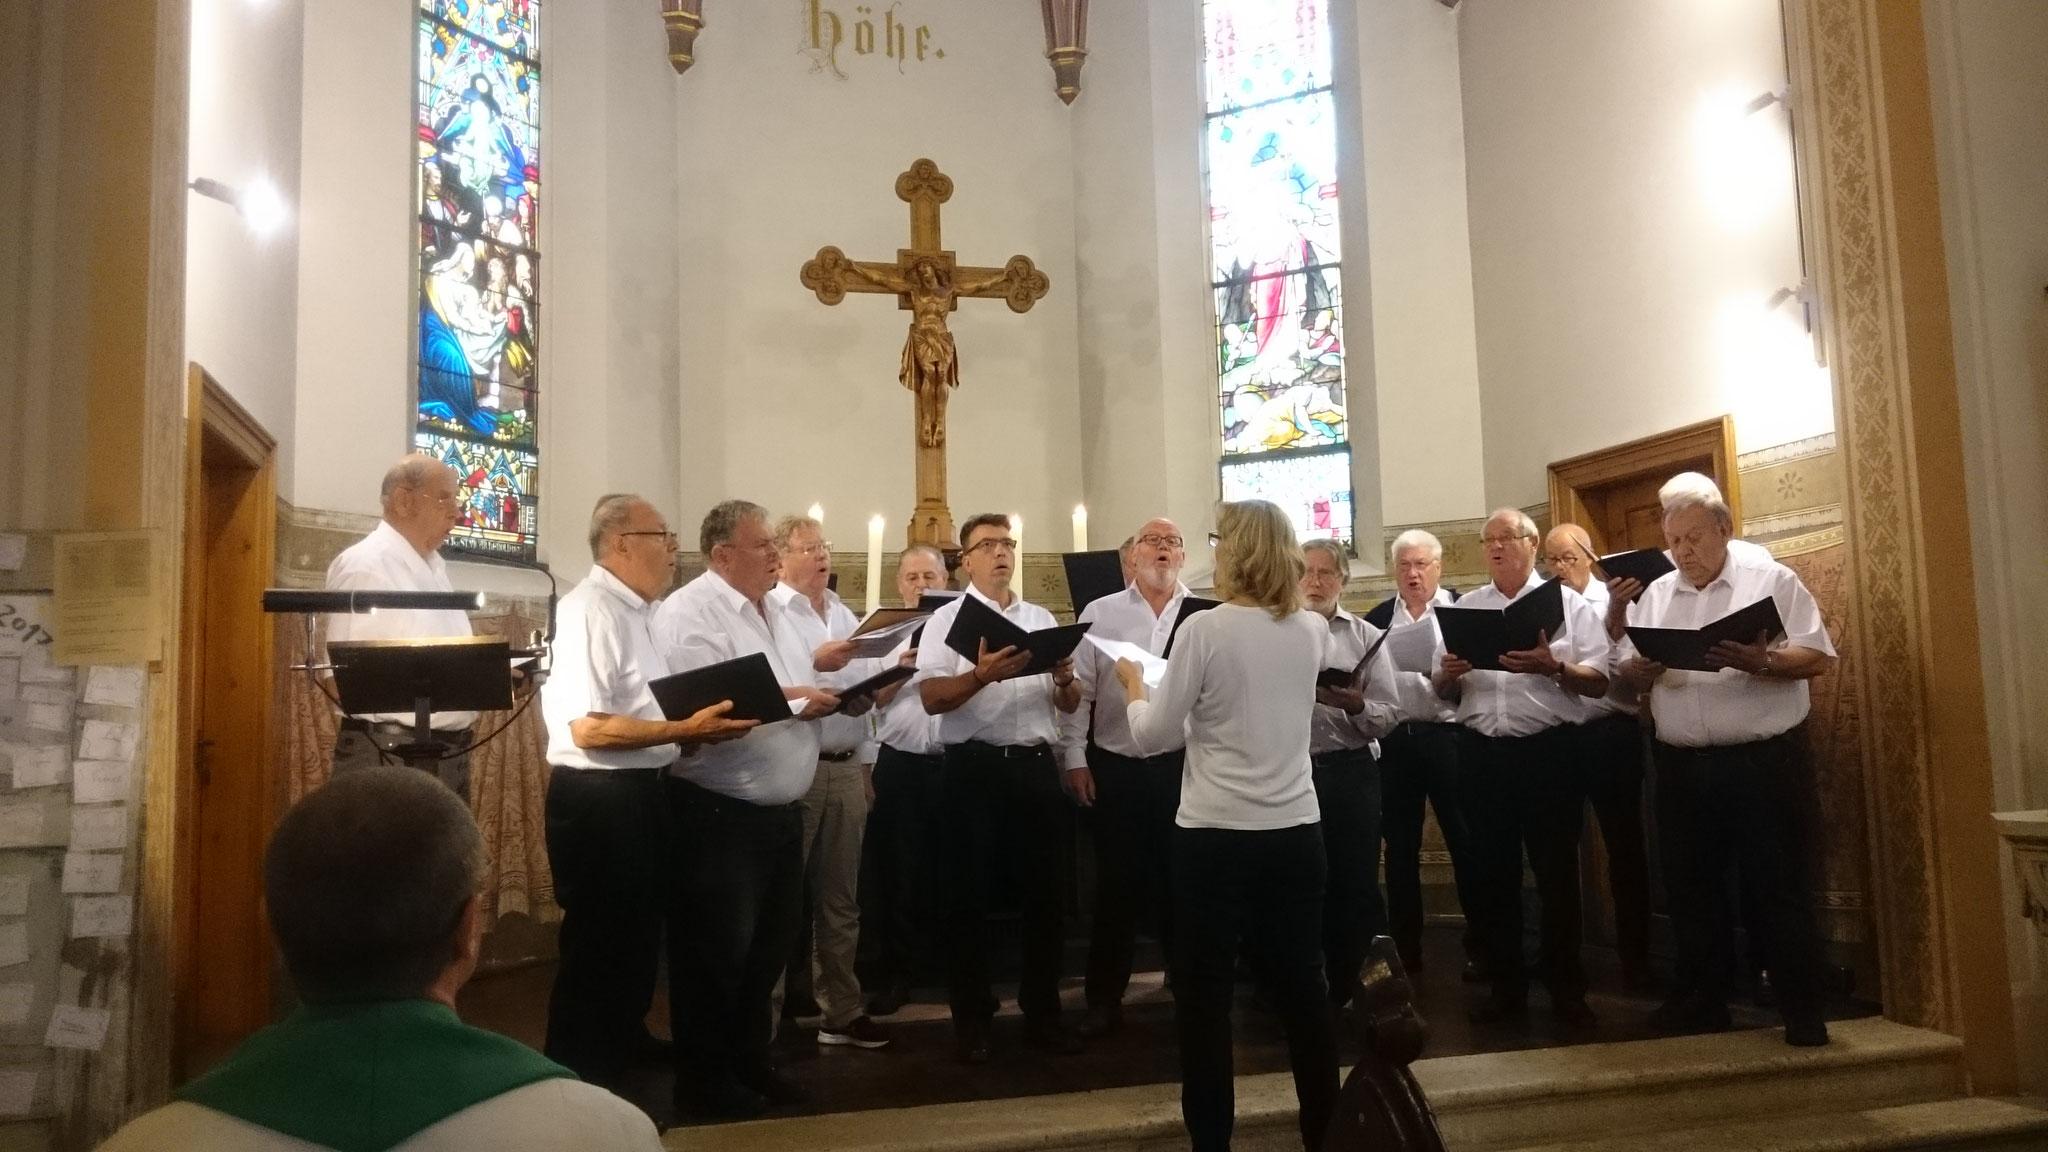 Der Gesangverein bei der Mitgestaltung des Sonntagsgottesdienstes in der ev. - luth. Matthäuskirche in Kelheim.